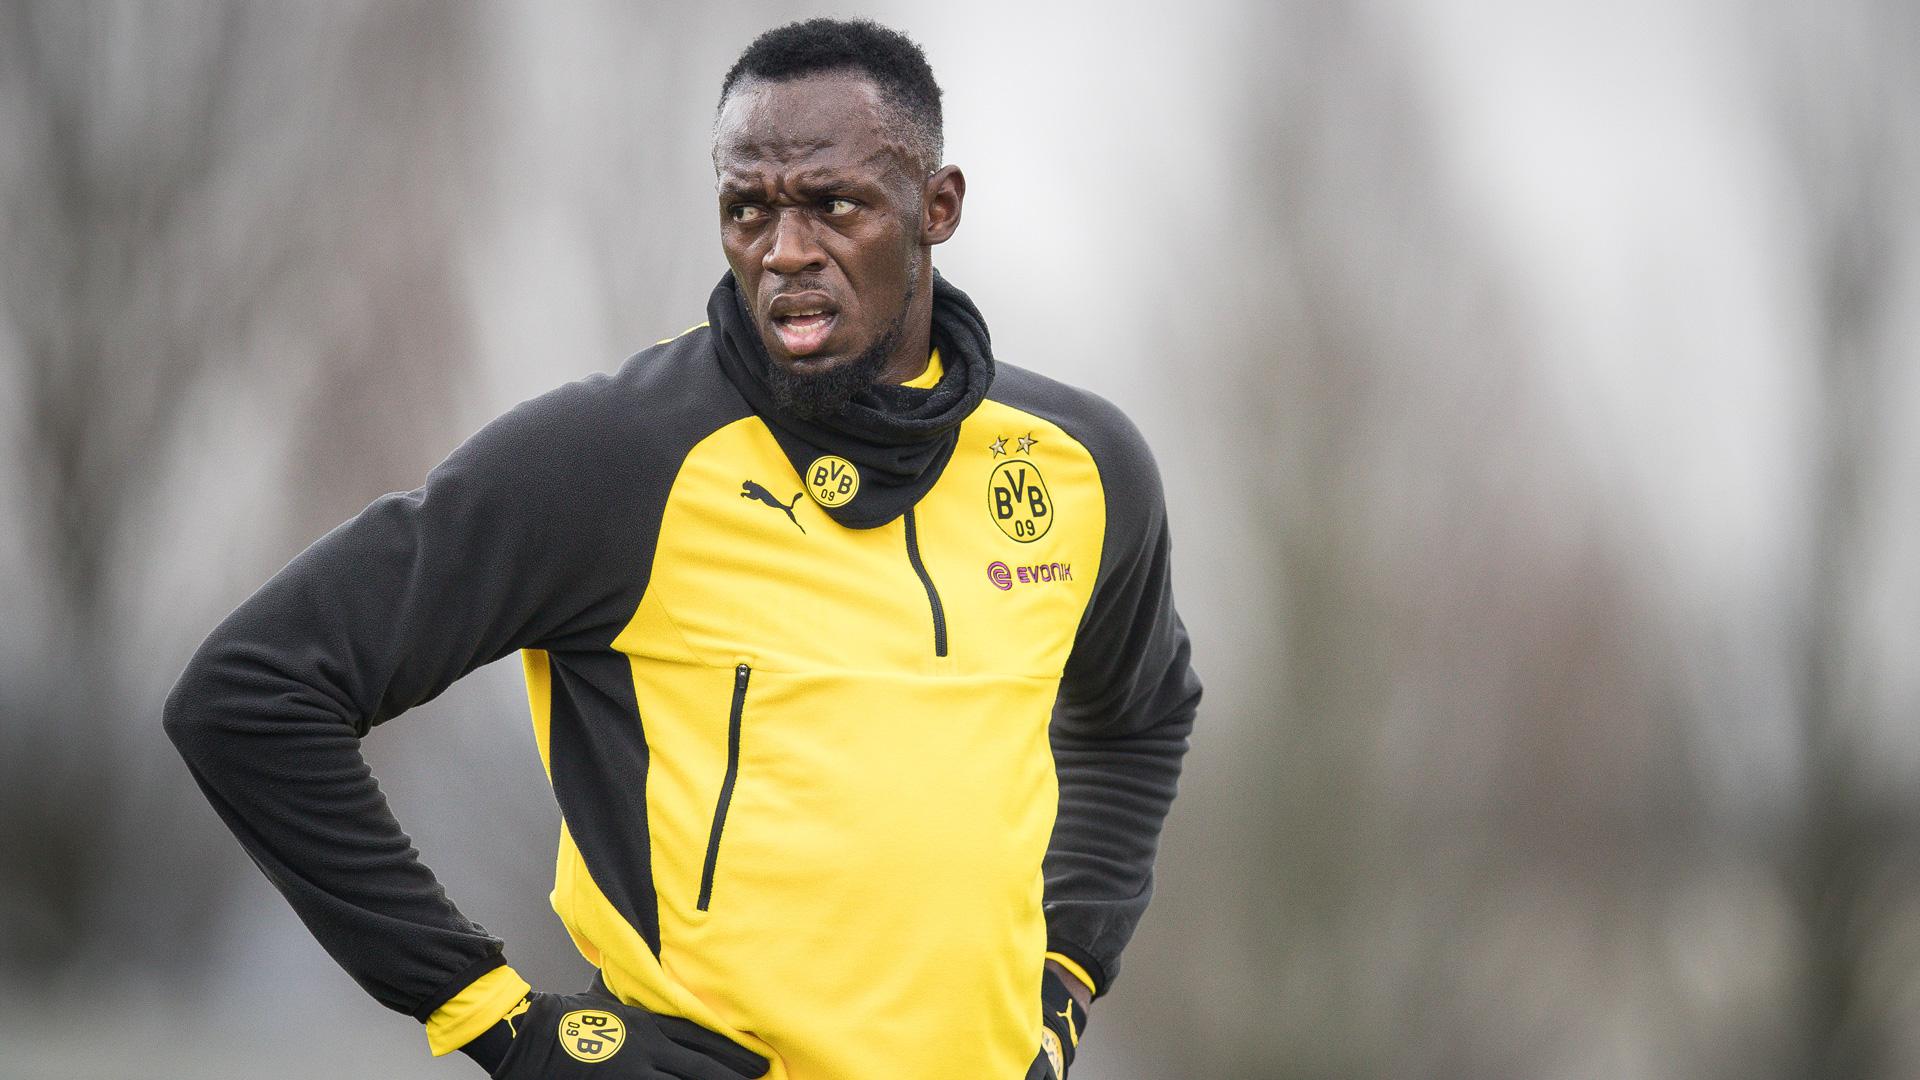 Usain Bolt Bvb